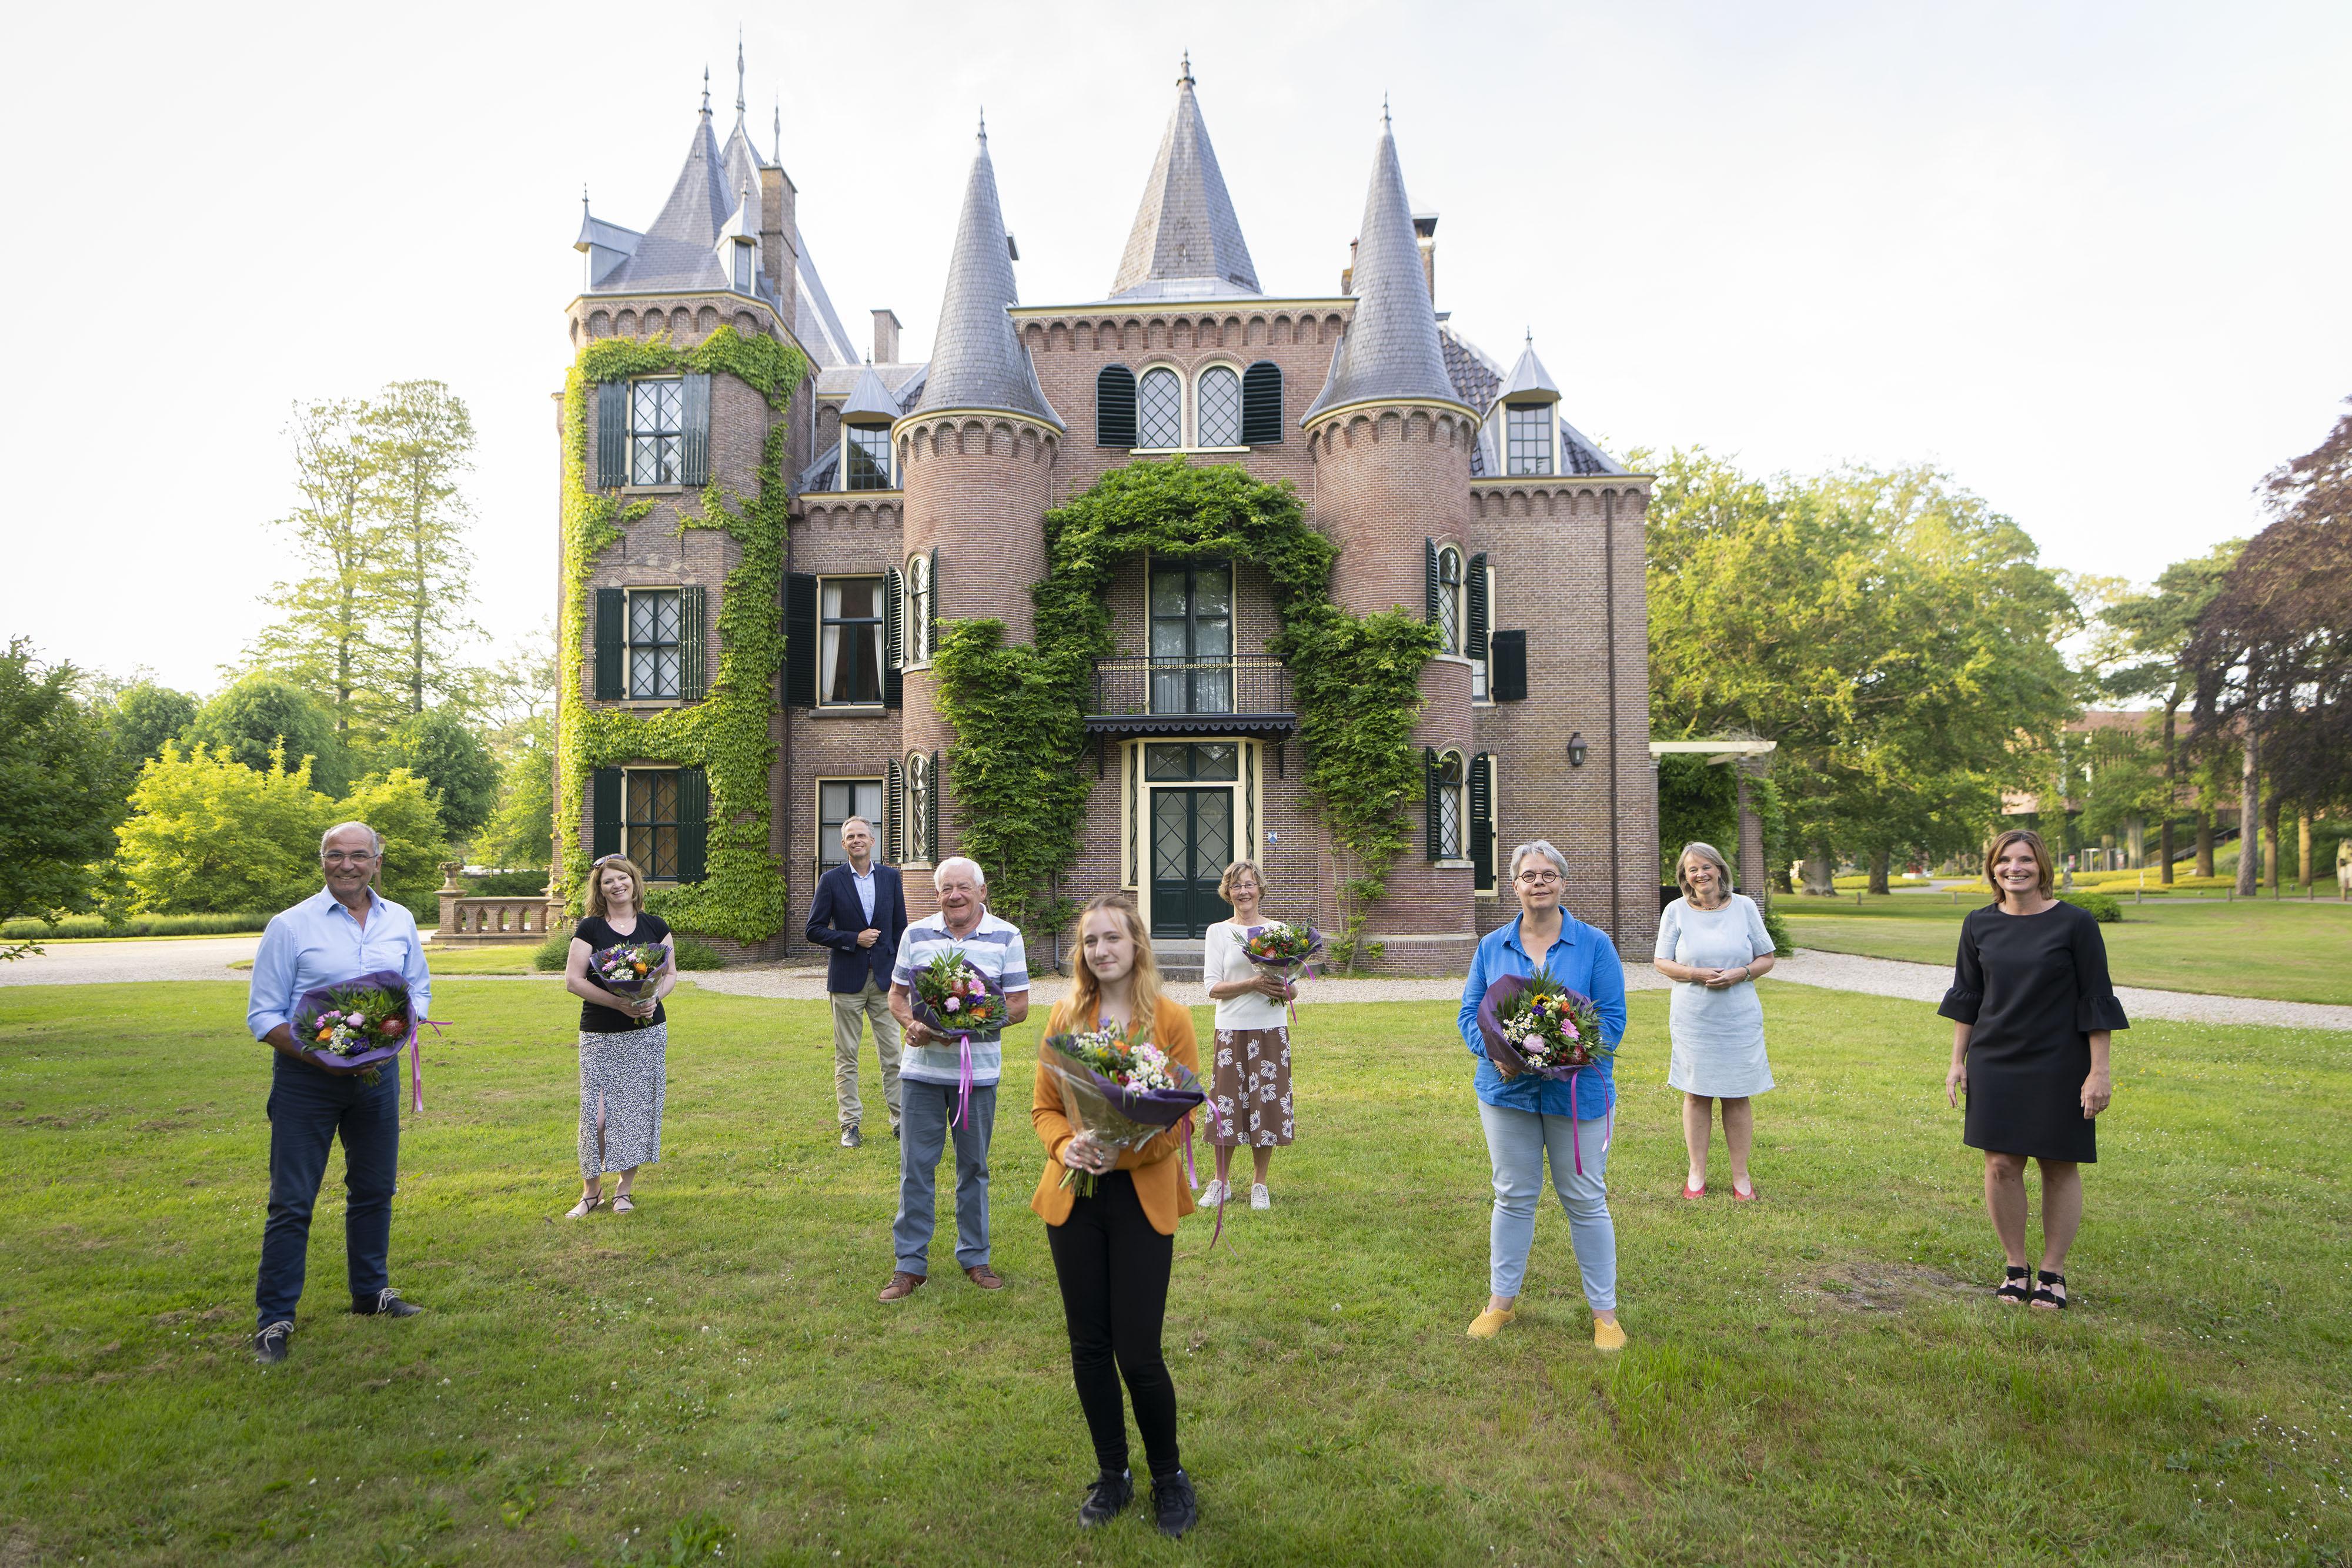 Lissese vrijwilligersprijzen uitgereikt: Bronzen penning voor wandelaar Franz van Sluis